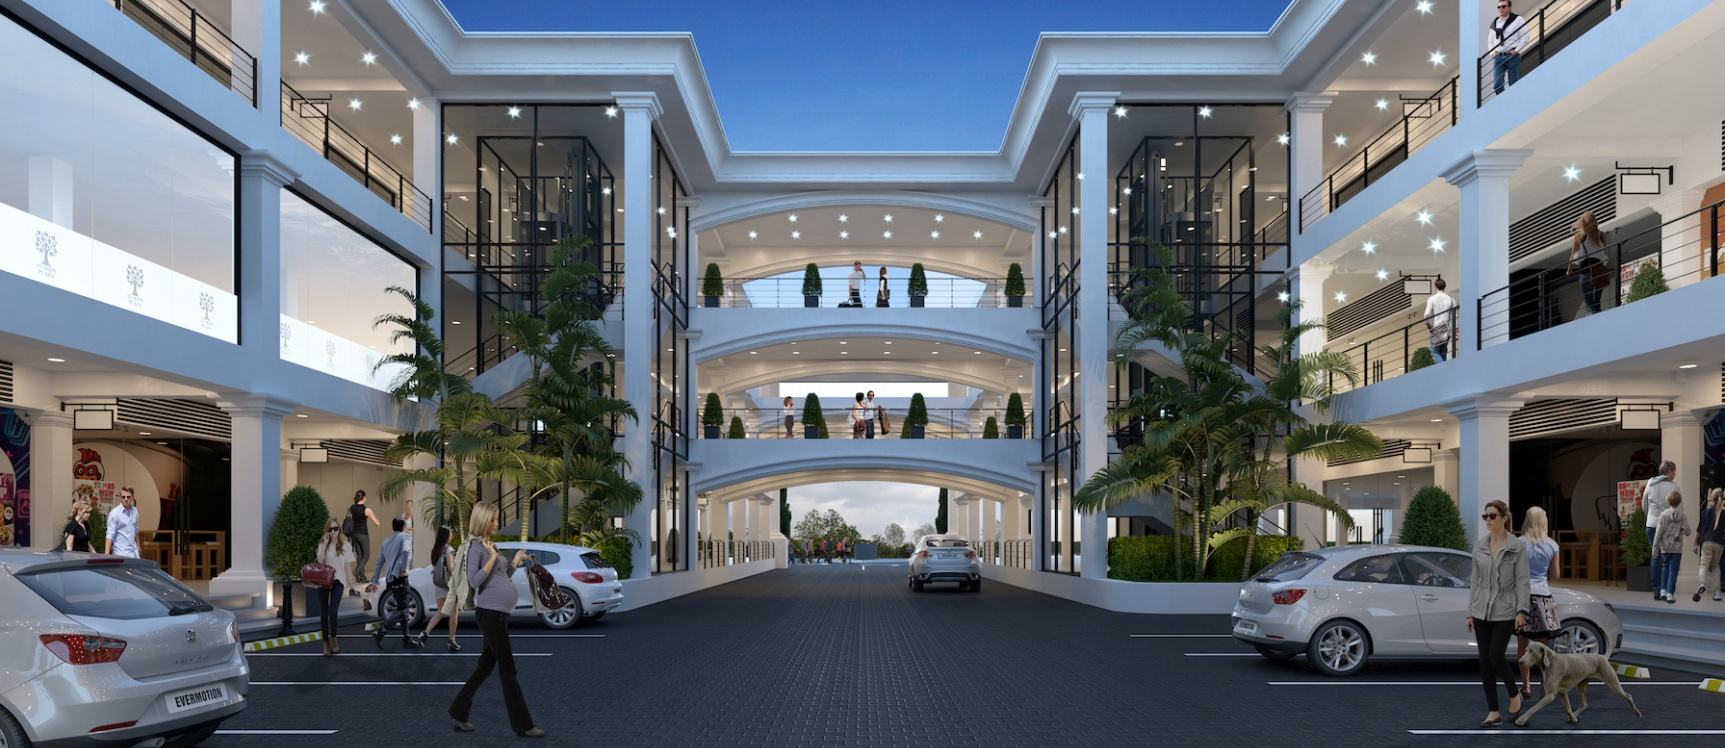 GeoBienes - Local Comercial en alquiler de 85m2 - Plusvalia Guayaquil Casas de venta y alquiler Inmobiliaria Ecuador